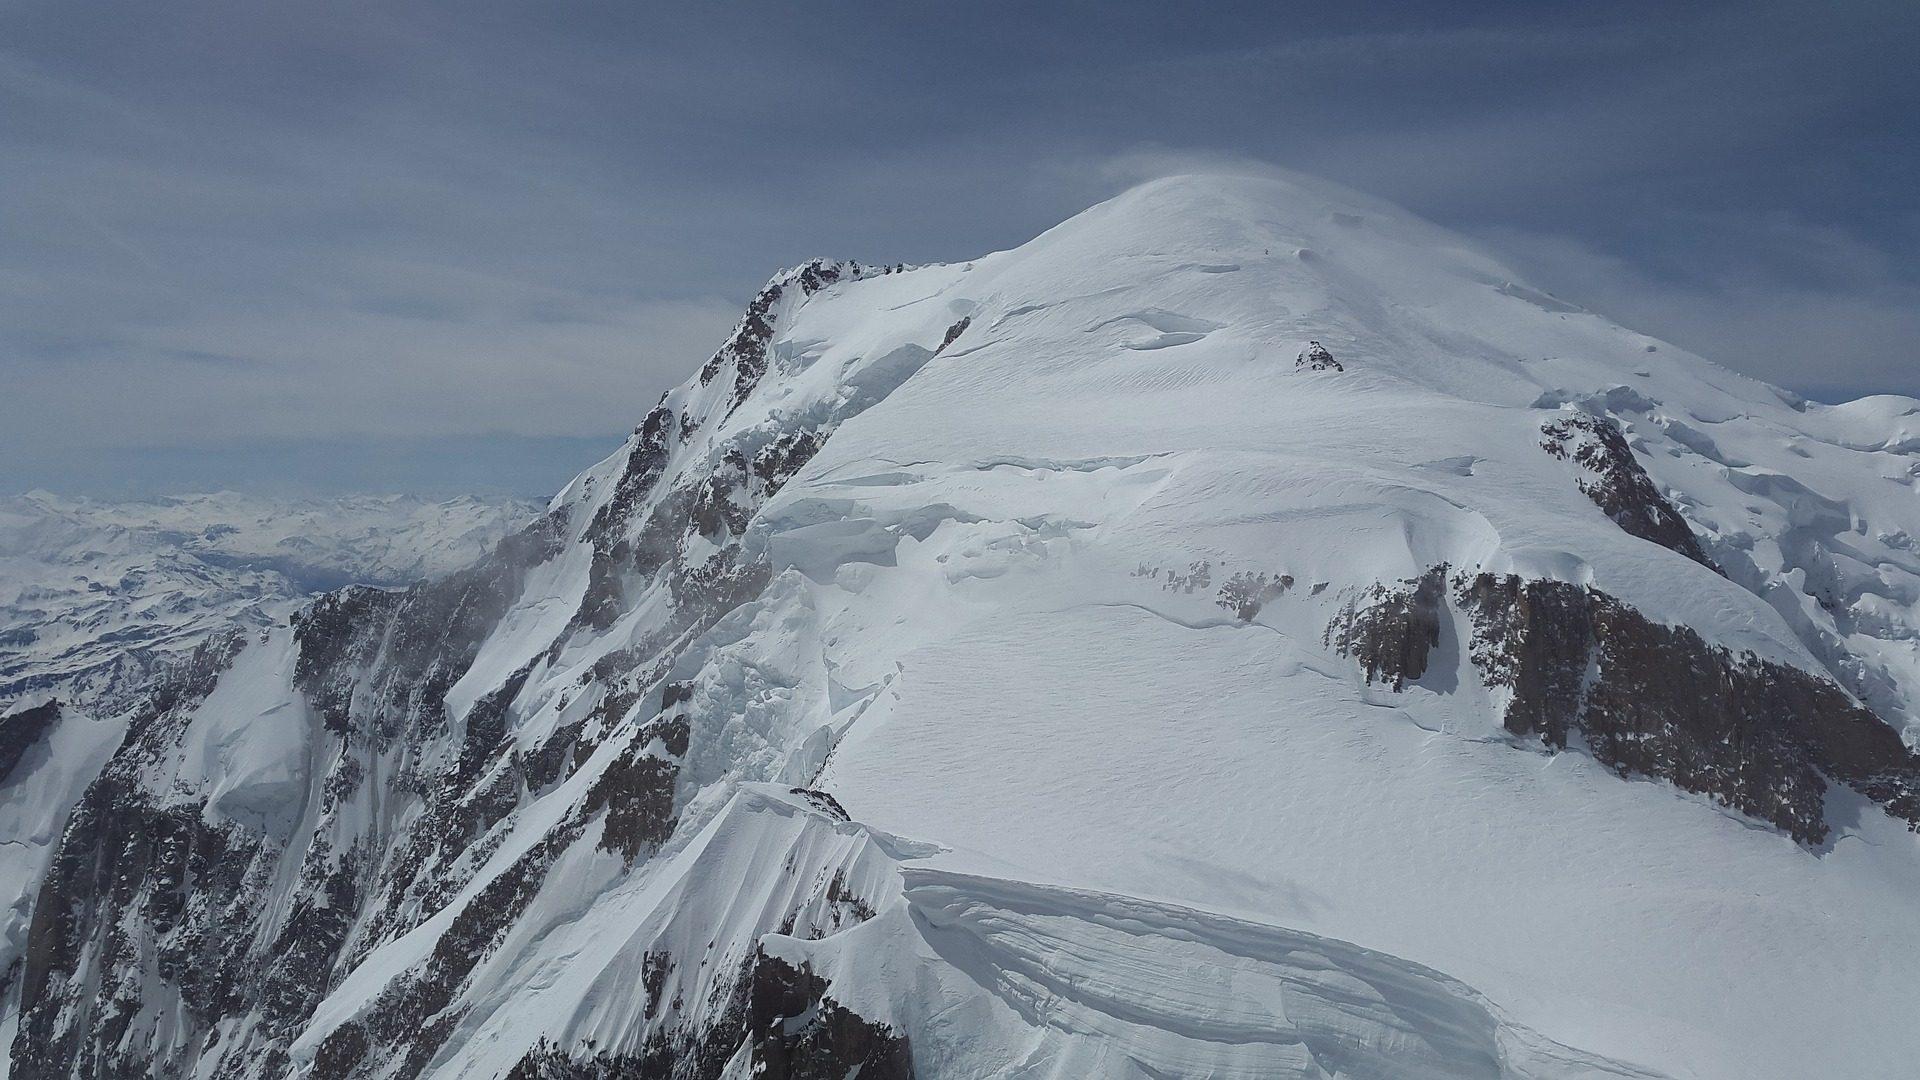 Mont blanc, Montagna, Nevada, neve, altezza, picco, In alto - Sfondi HD - Professor-falken.com